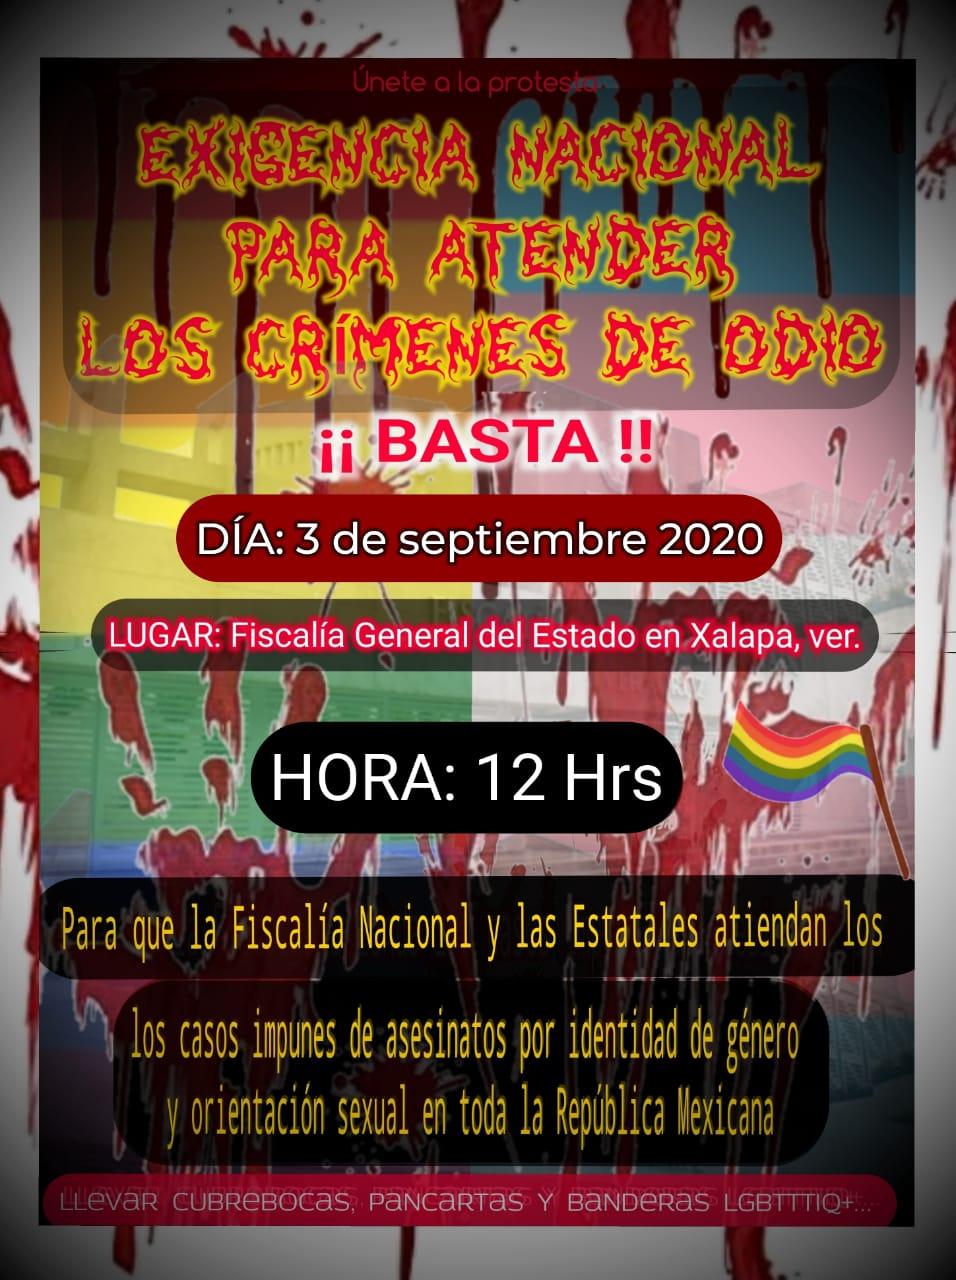 manifestación de activistas en huelga de hambre por crímenes de odio